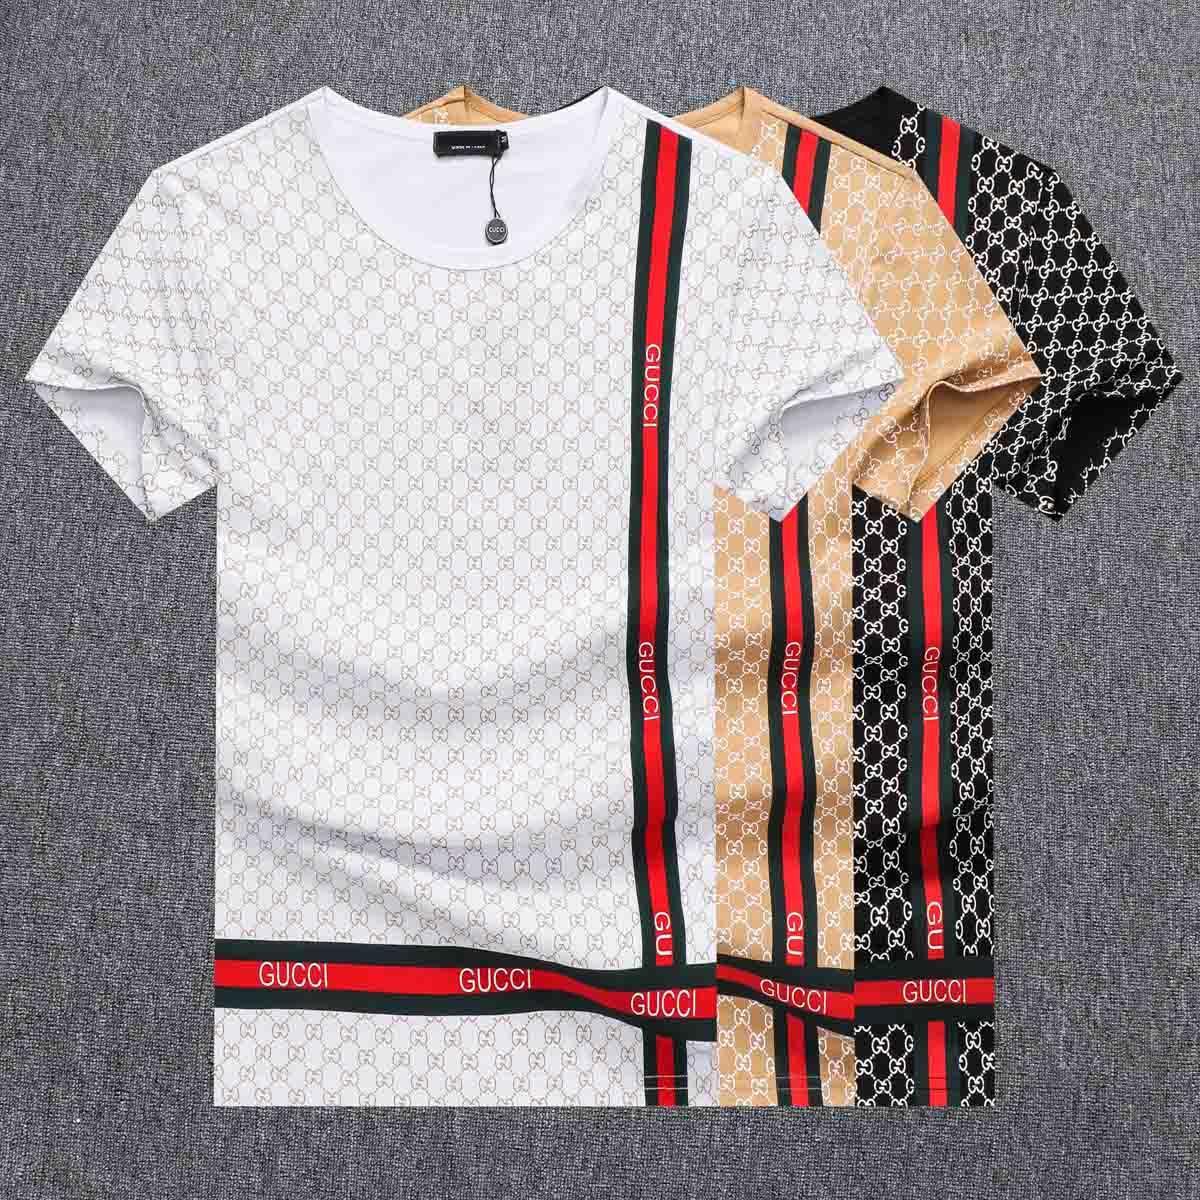 Топы тройники горячие продажи 2020 с капюшоном молния длинные летние мужские футболки мужчины с коротким рукавом футболки мода круглый вырез мужчины повседневная футболка